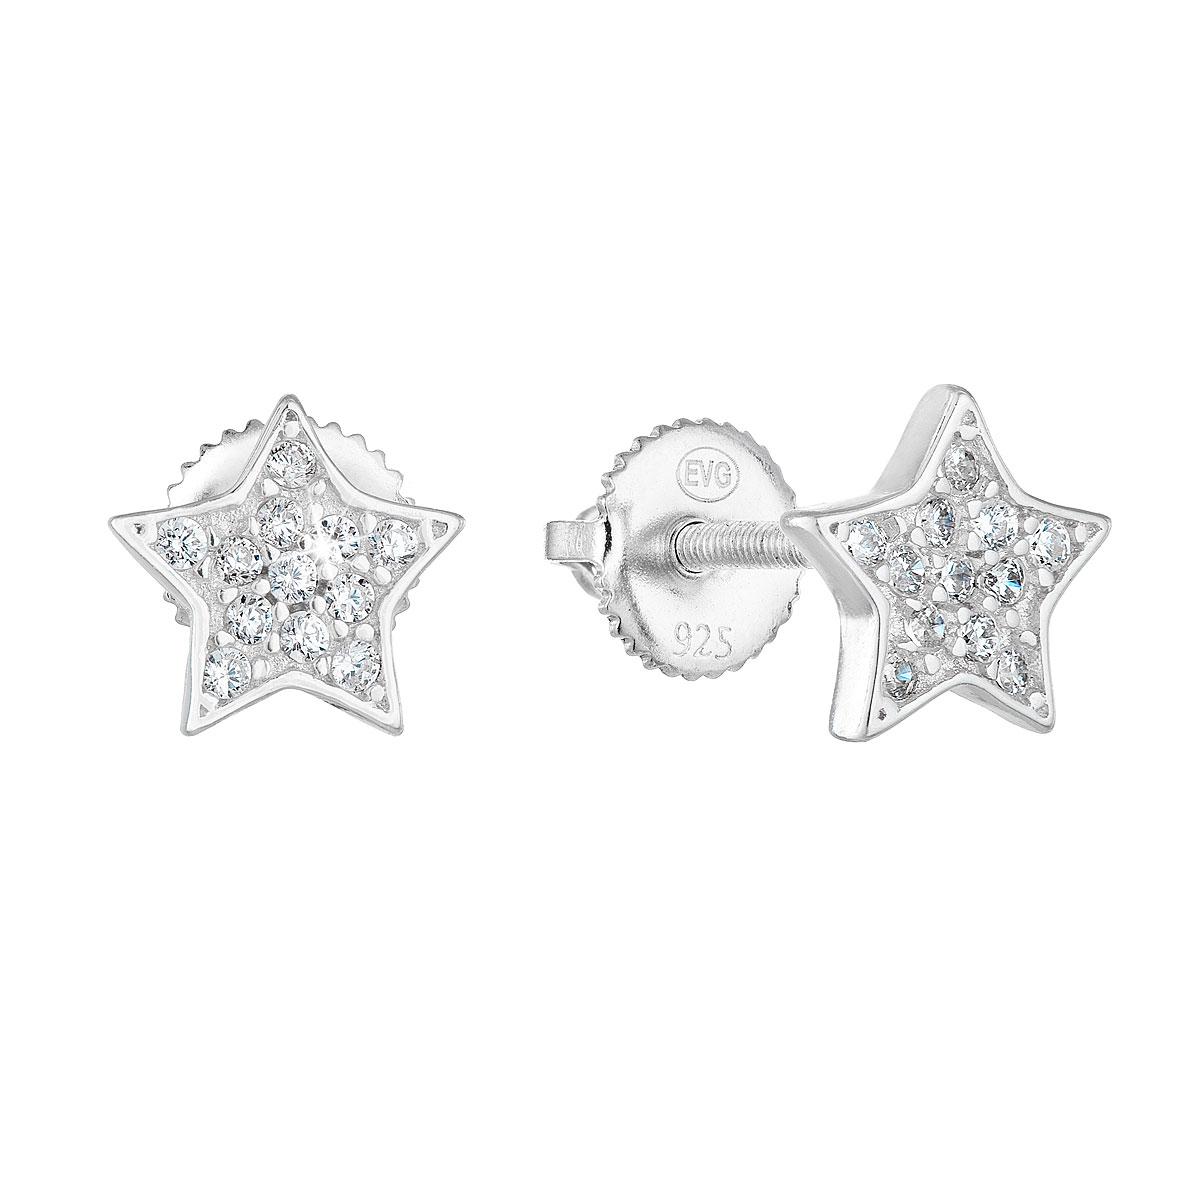 Evolution Group Stříbrné náušnice pecka se zirkonem bílá hvězdička 11259.1